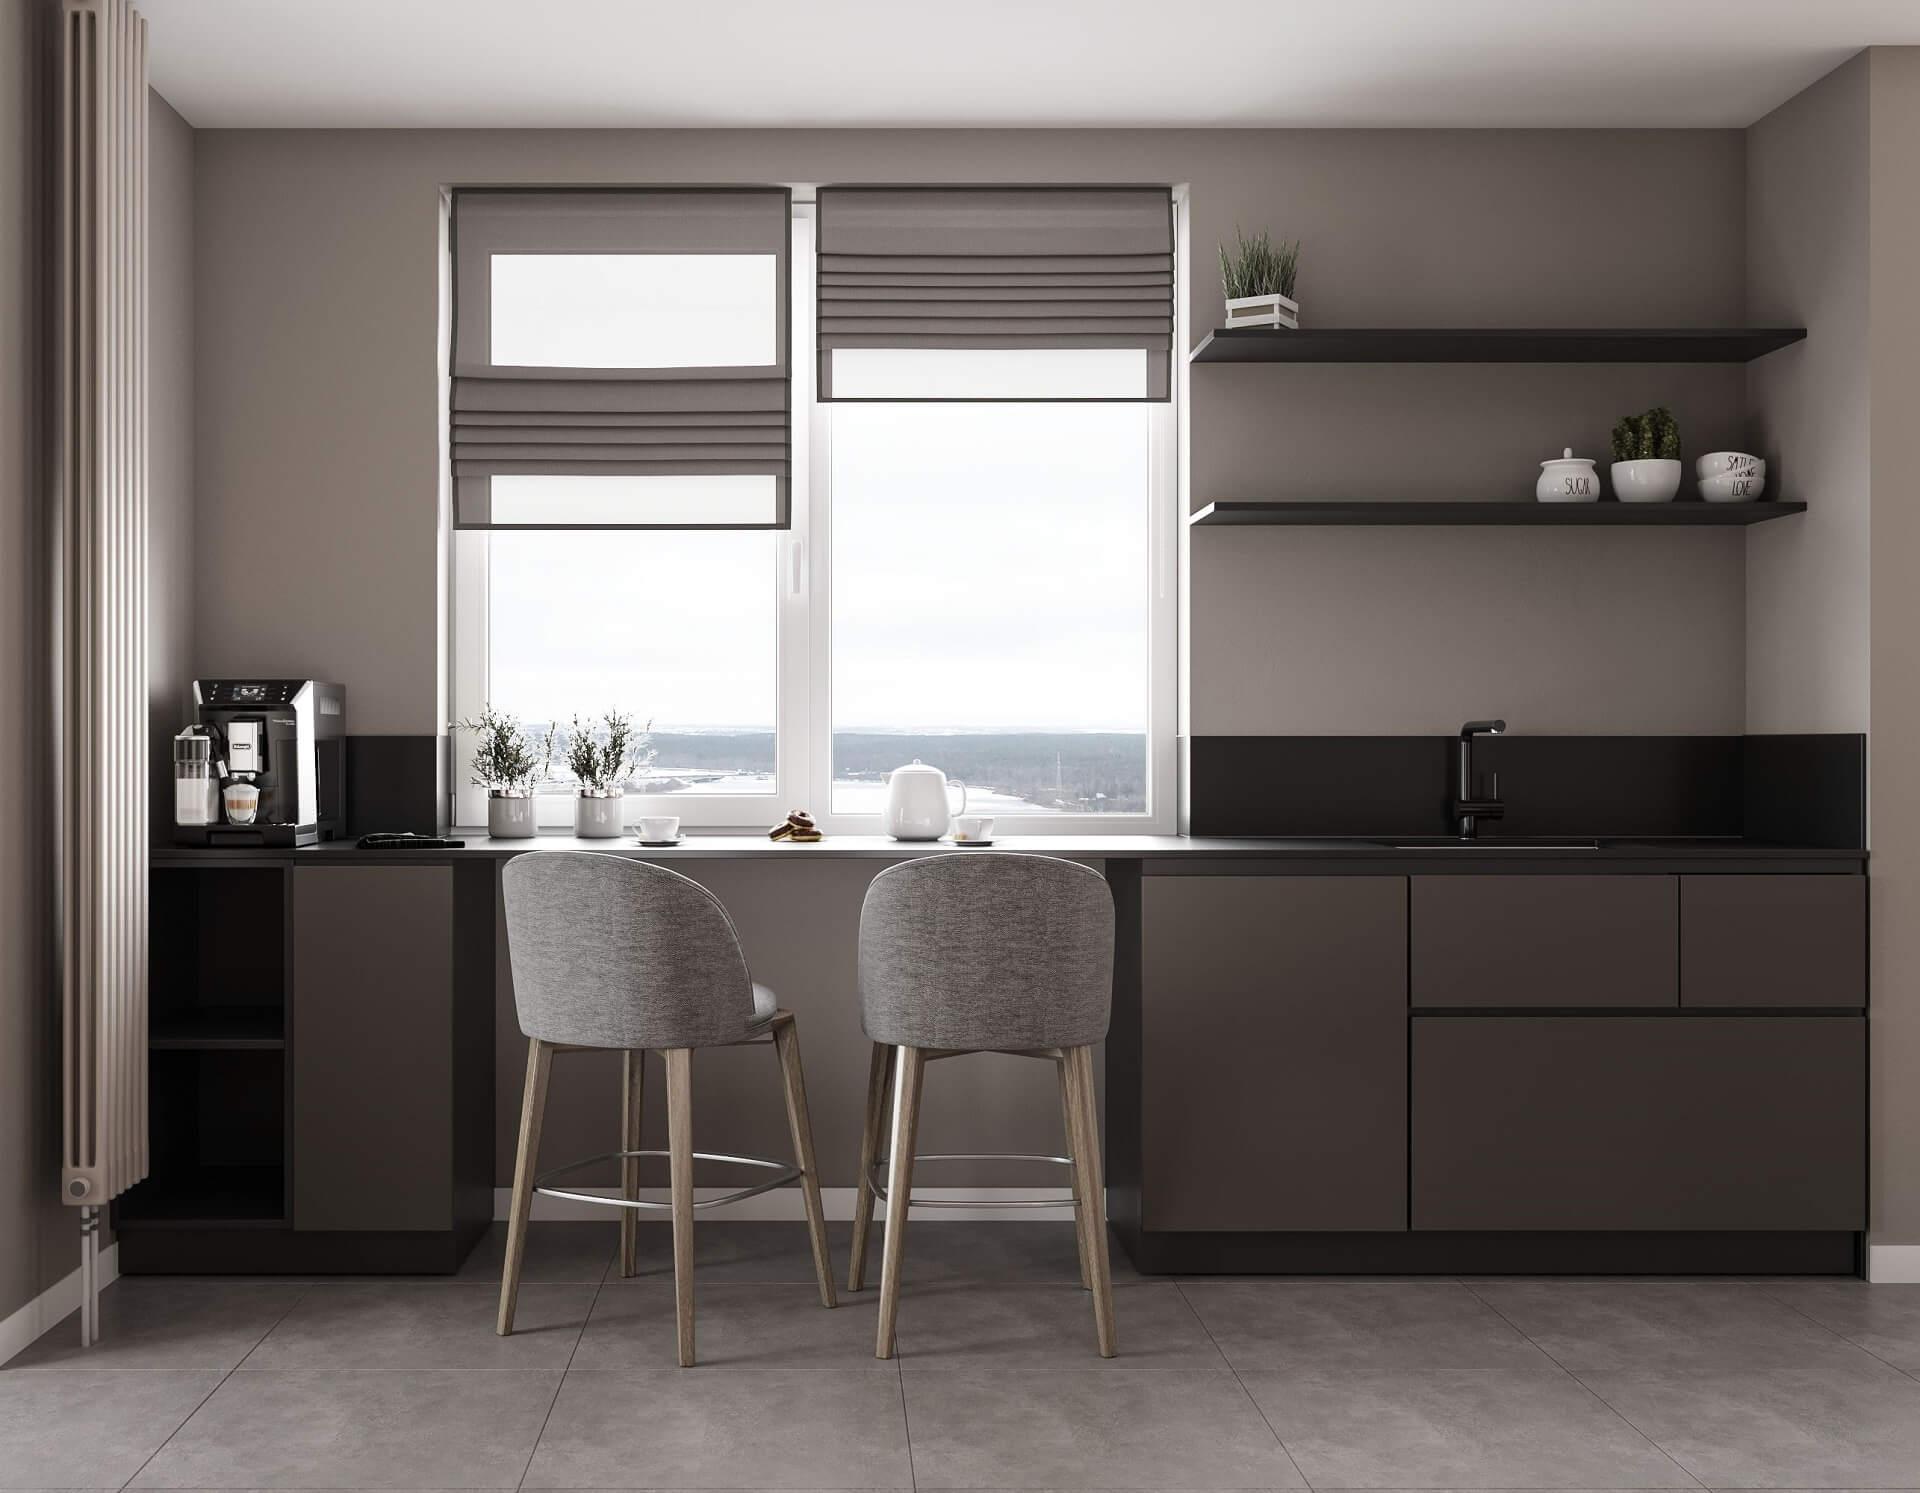 Дизайн кухни-гостиной. Интерьер кухни. Вид 1.